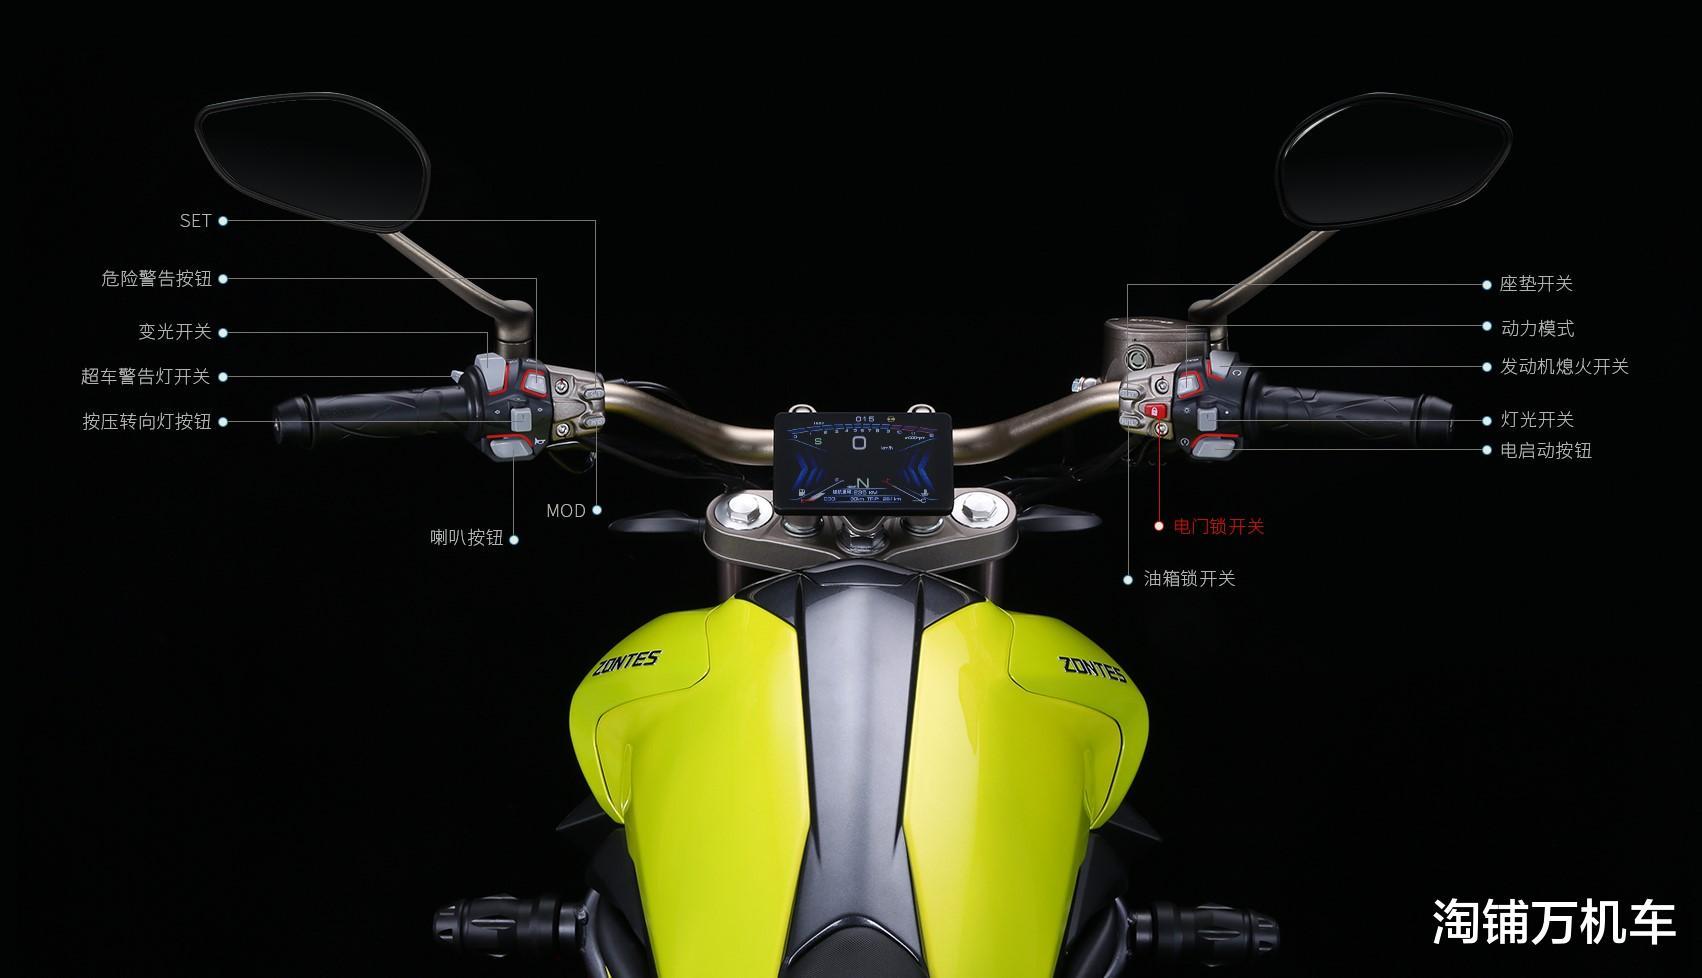 單搖臂科幻太子 升仕310V1正式上市 售價27800元-圖6